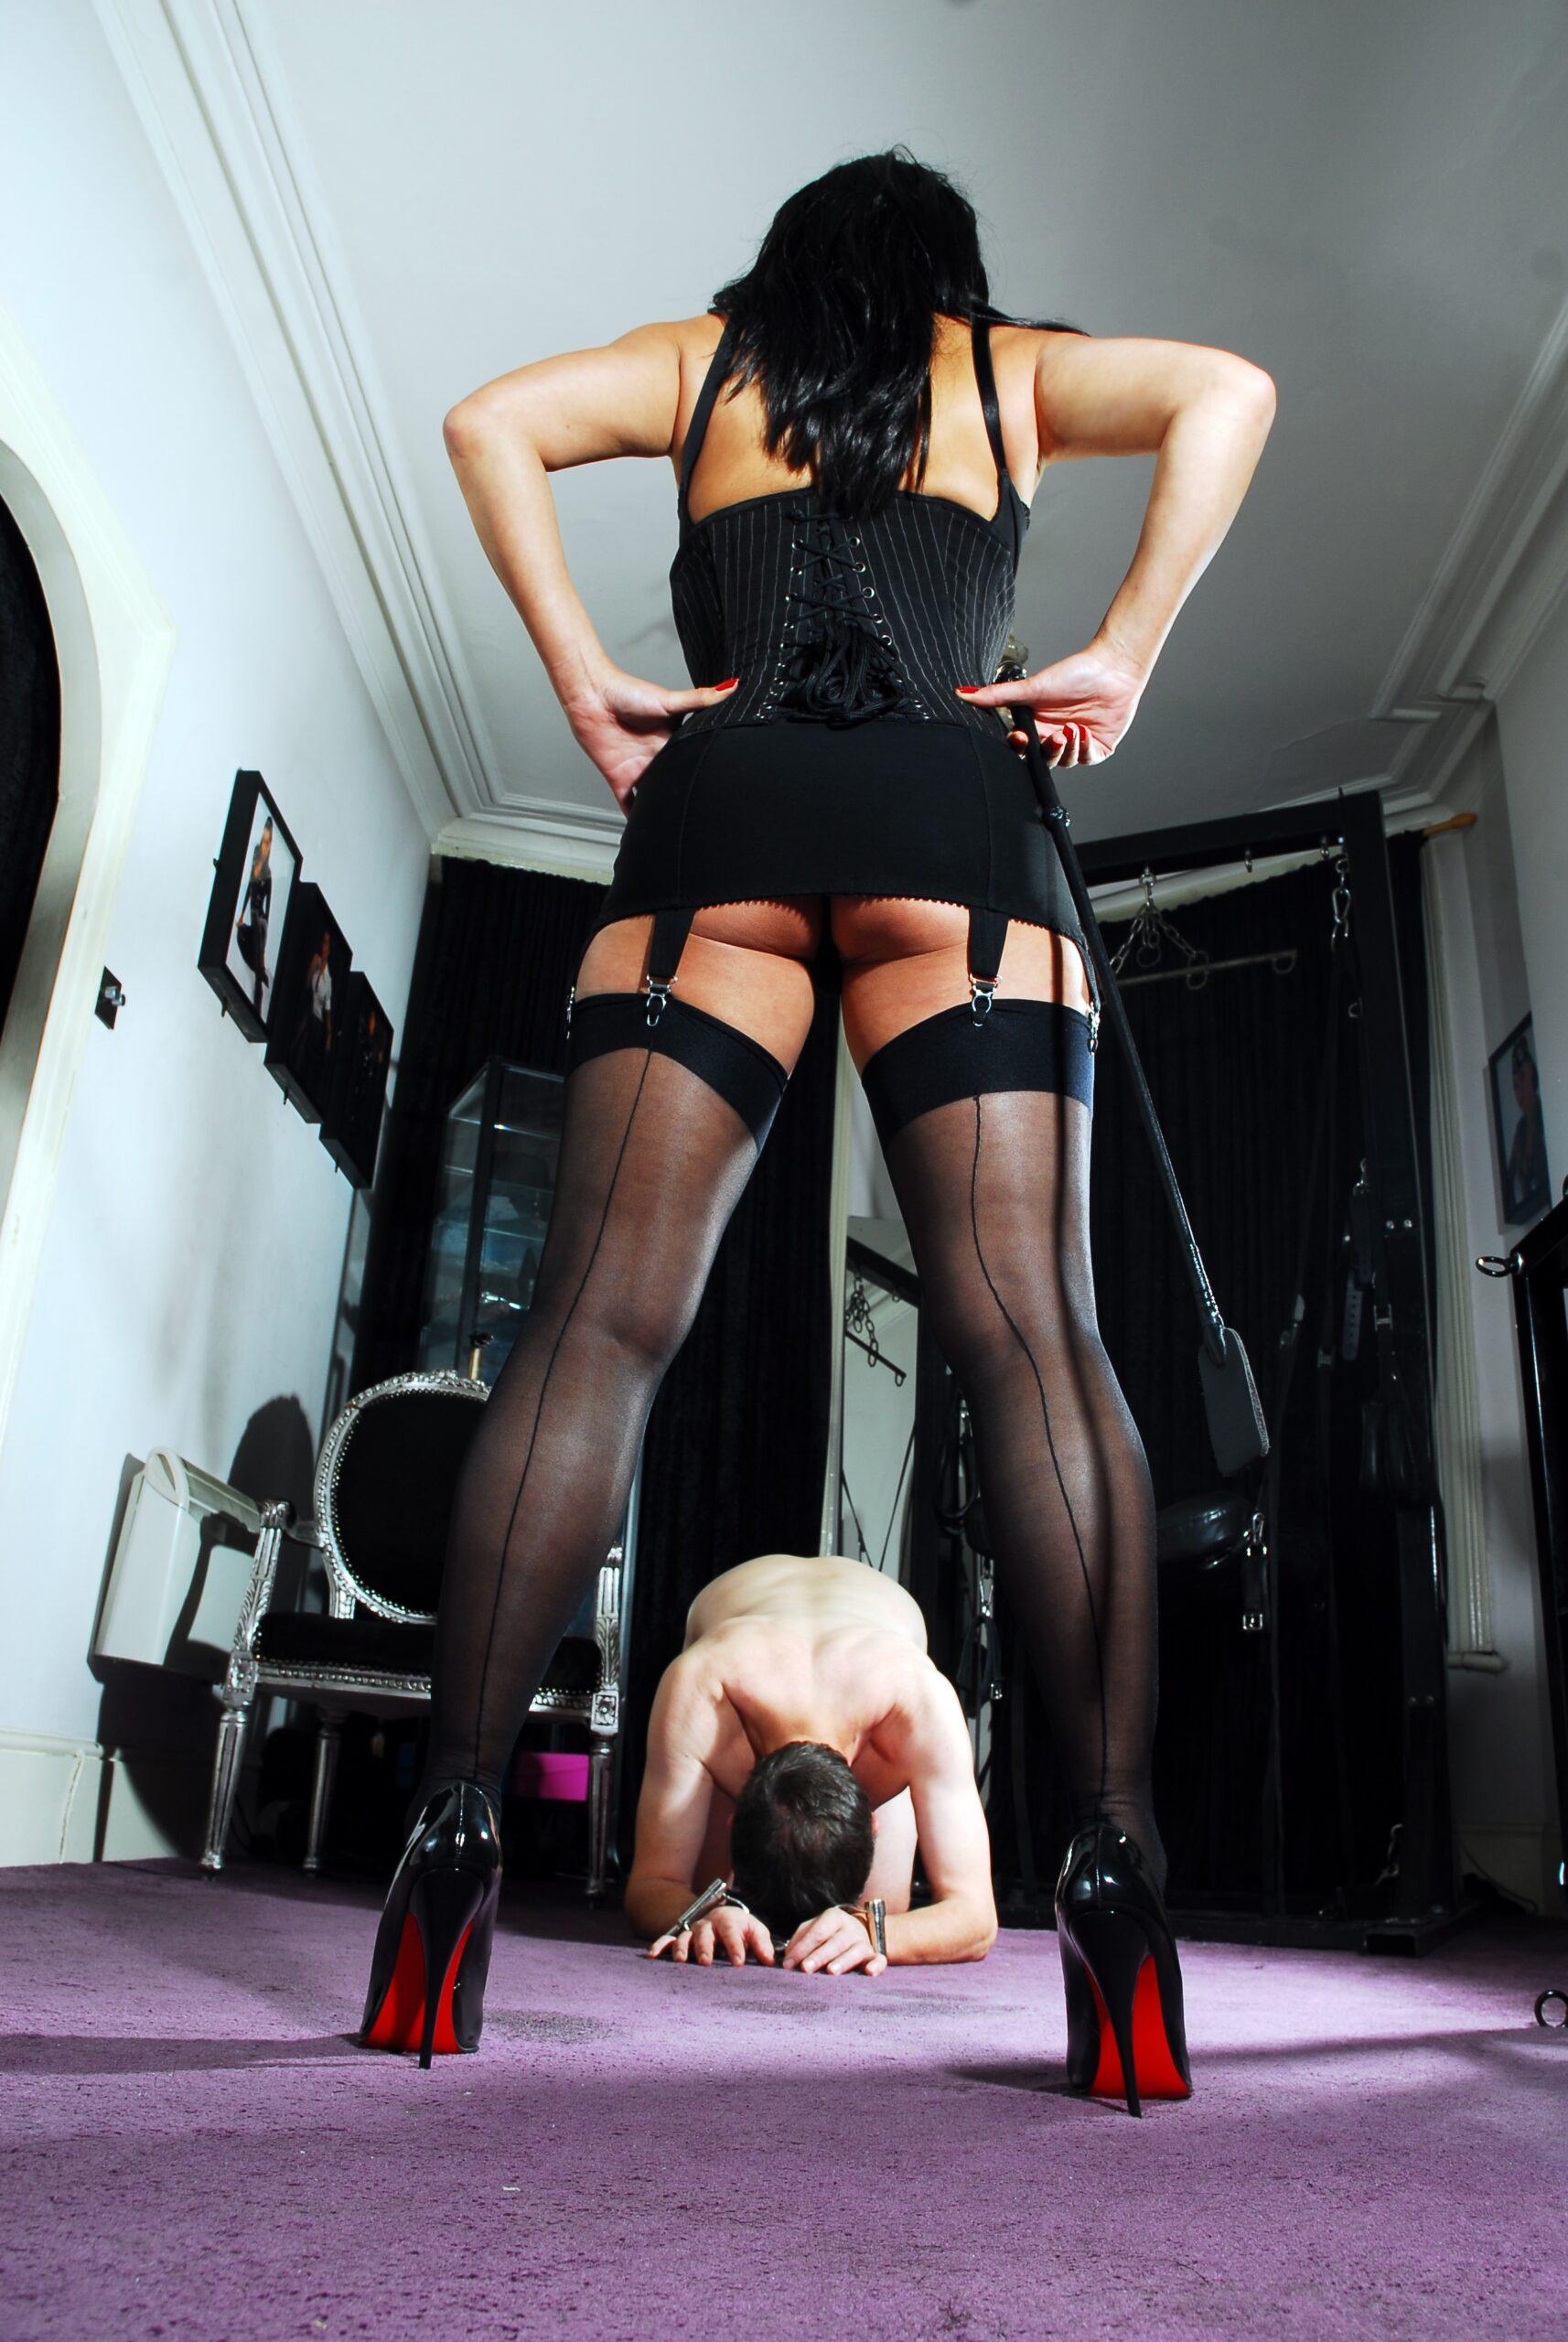 【ボンテージSM】マニアには最高っす!!爆乳美女がムチでたたいてくれちゃうなんてw外人ポルノエロ画像wwww 24 55 scaled